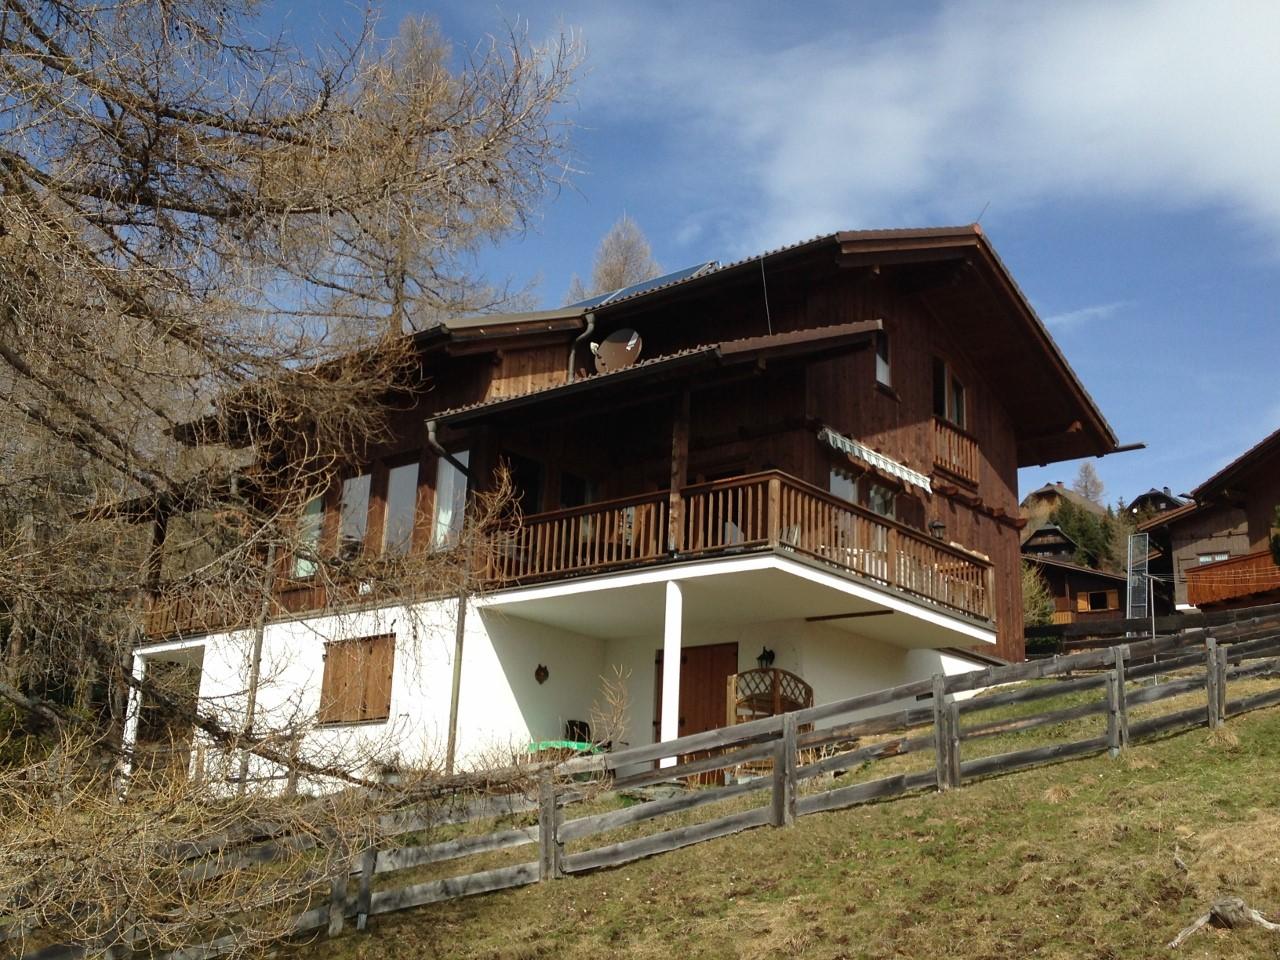 Falkert, Kaernten, Ski- und Wandergebiet, grosszuegiges BERGHAUS in Hanglage, Suedausrichtung